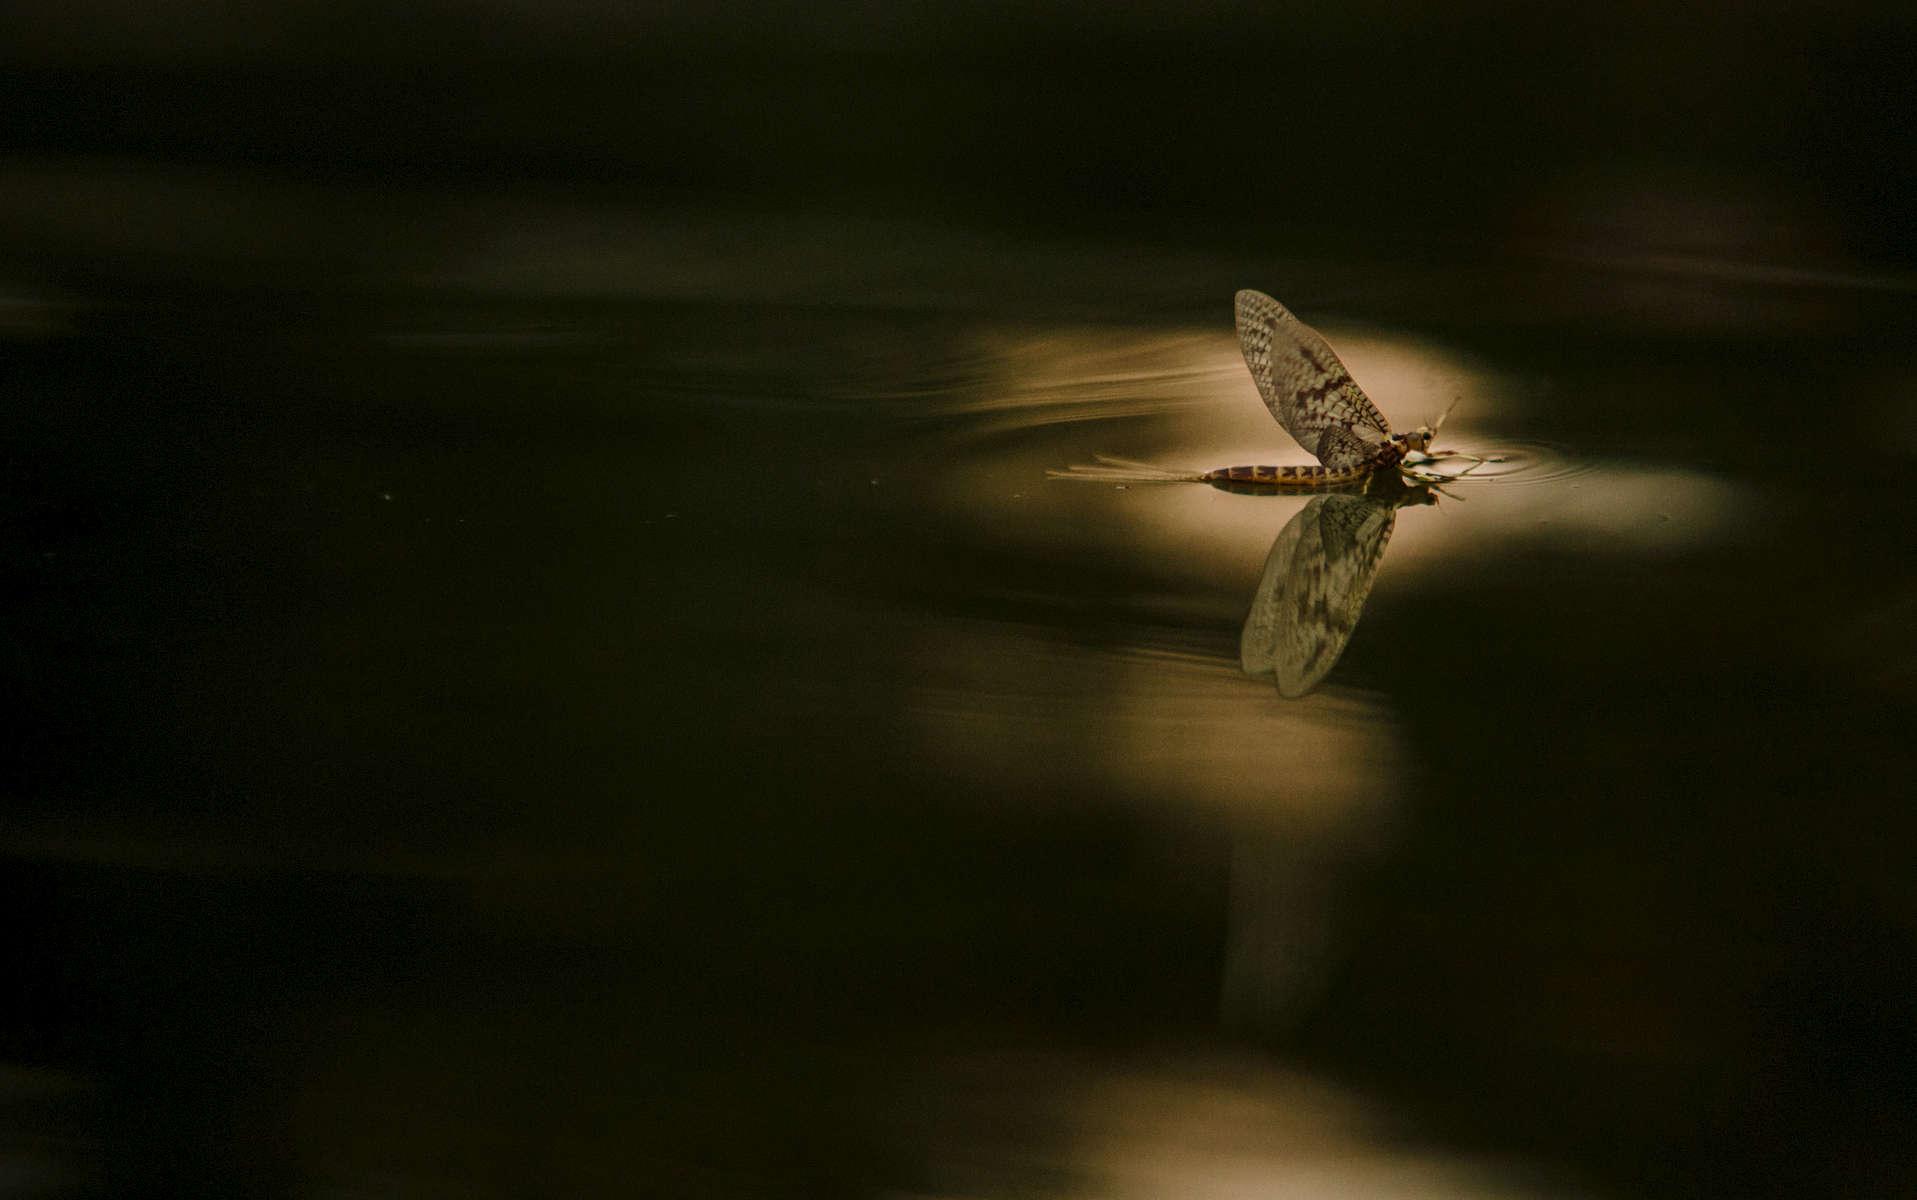 On The Fly Sam Dean Photography 15403097761 Virginia